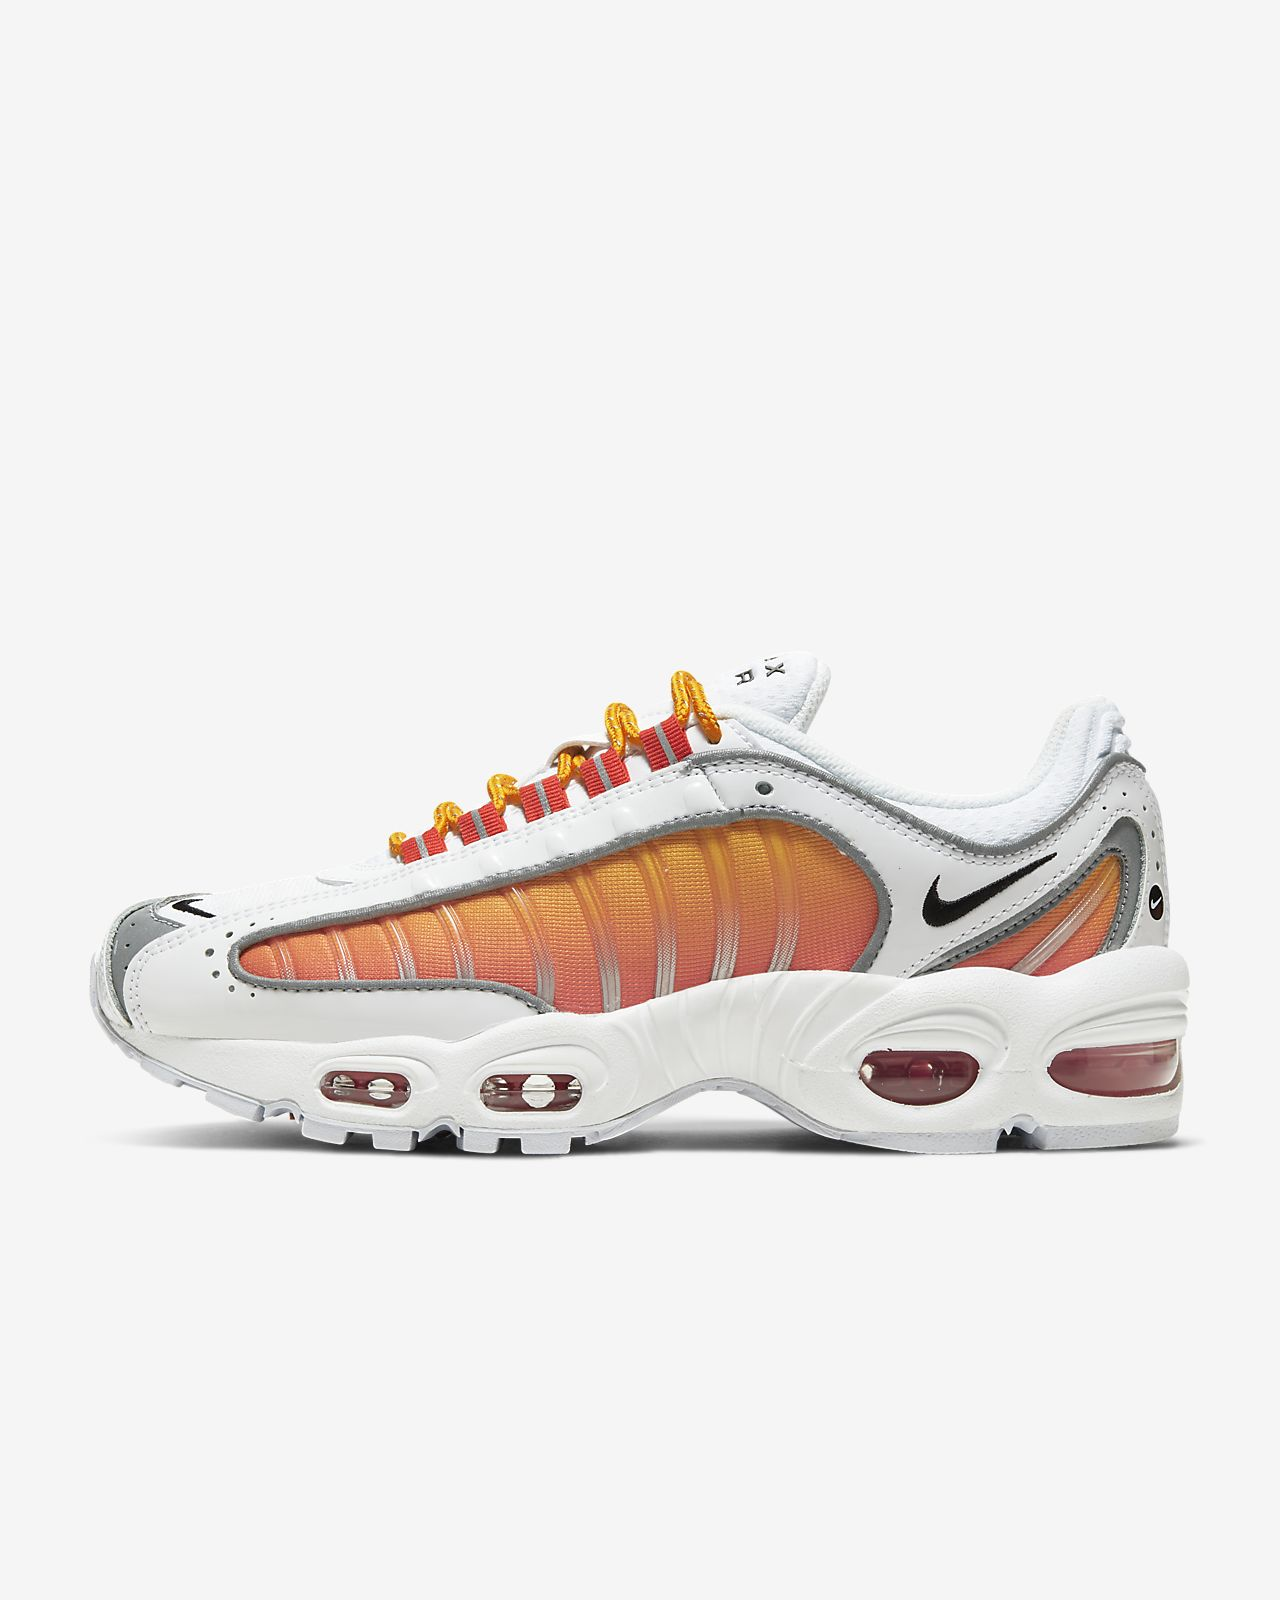 รองเท้าผู้หญิง Nike Air Max Tailwind IV